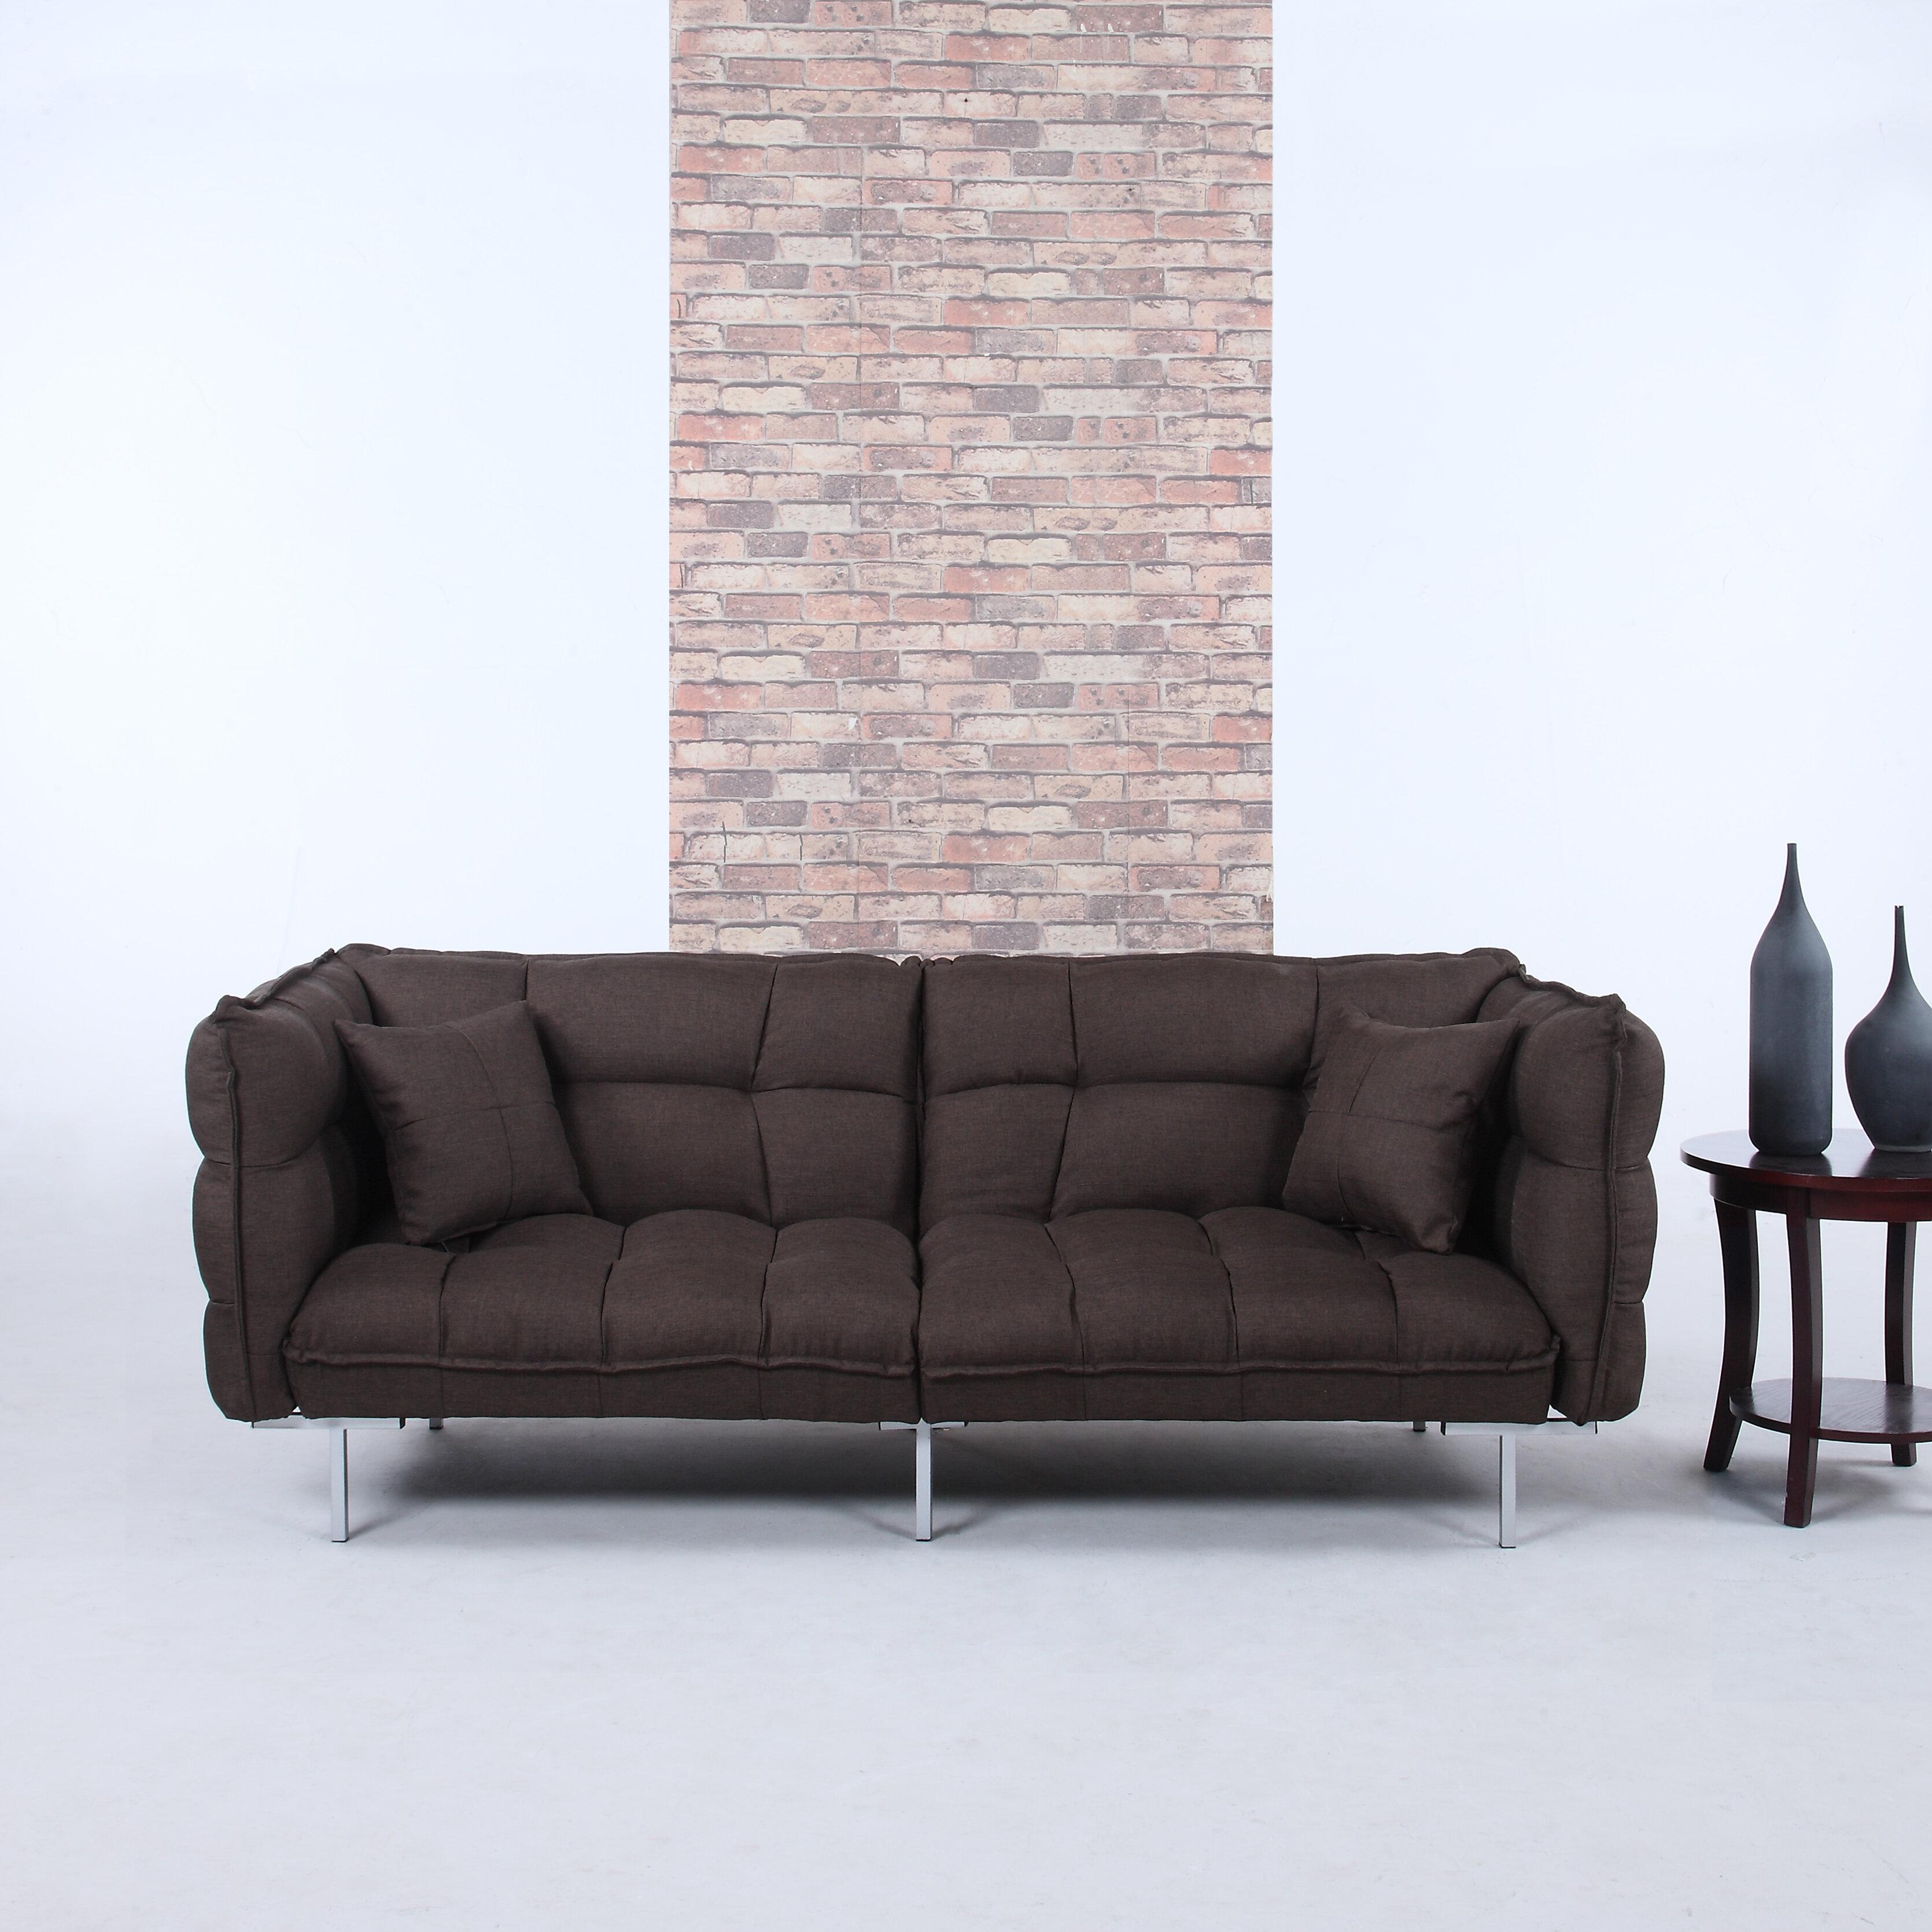 Madison Home USA Modern Plush Tufted Linen Splitback Living Room ...